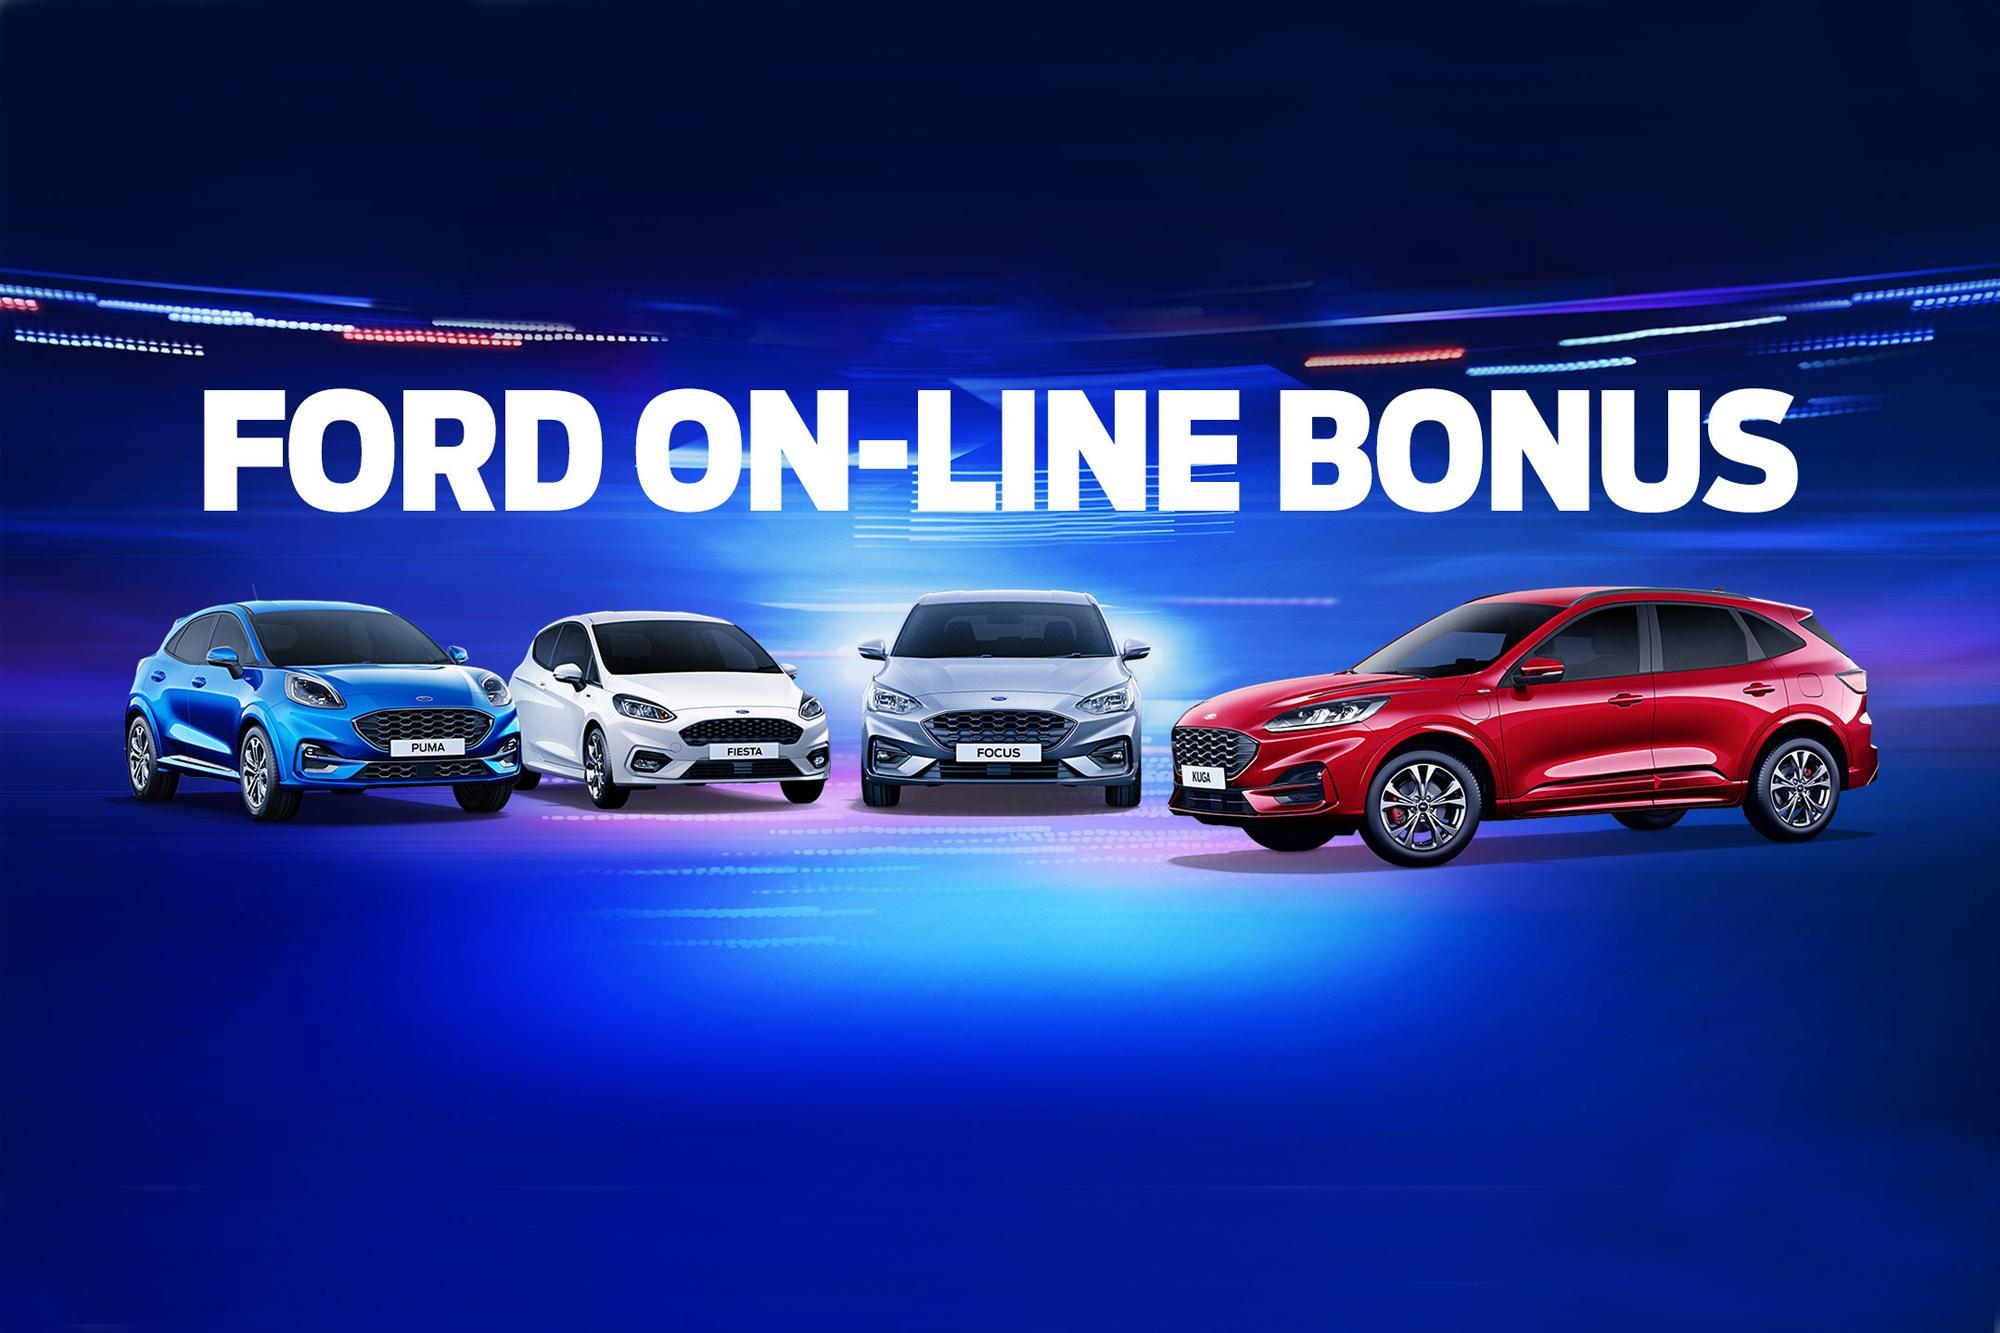 Ford online bonus